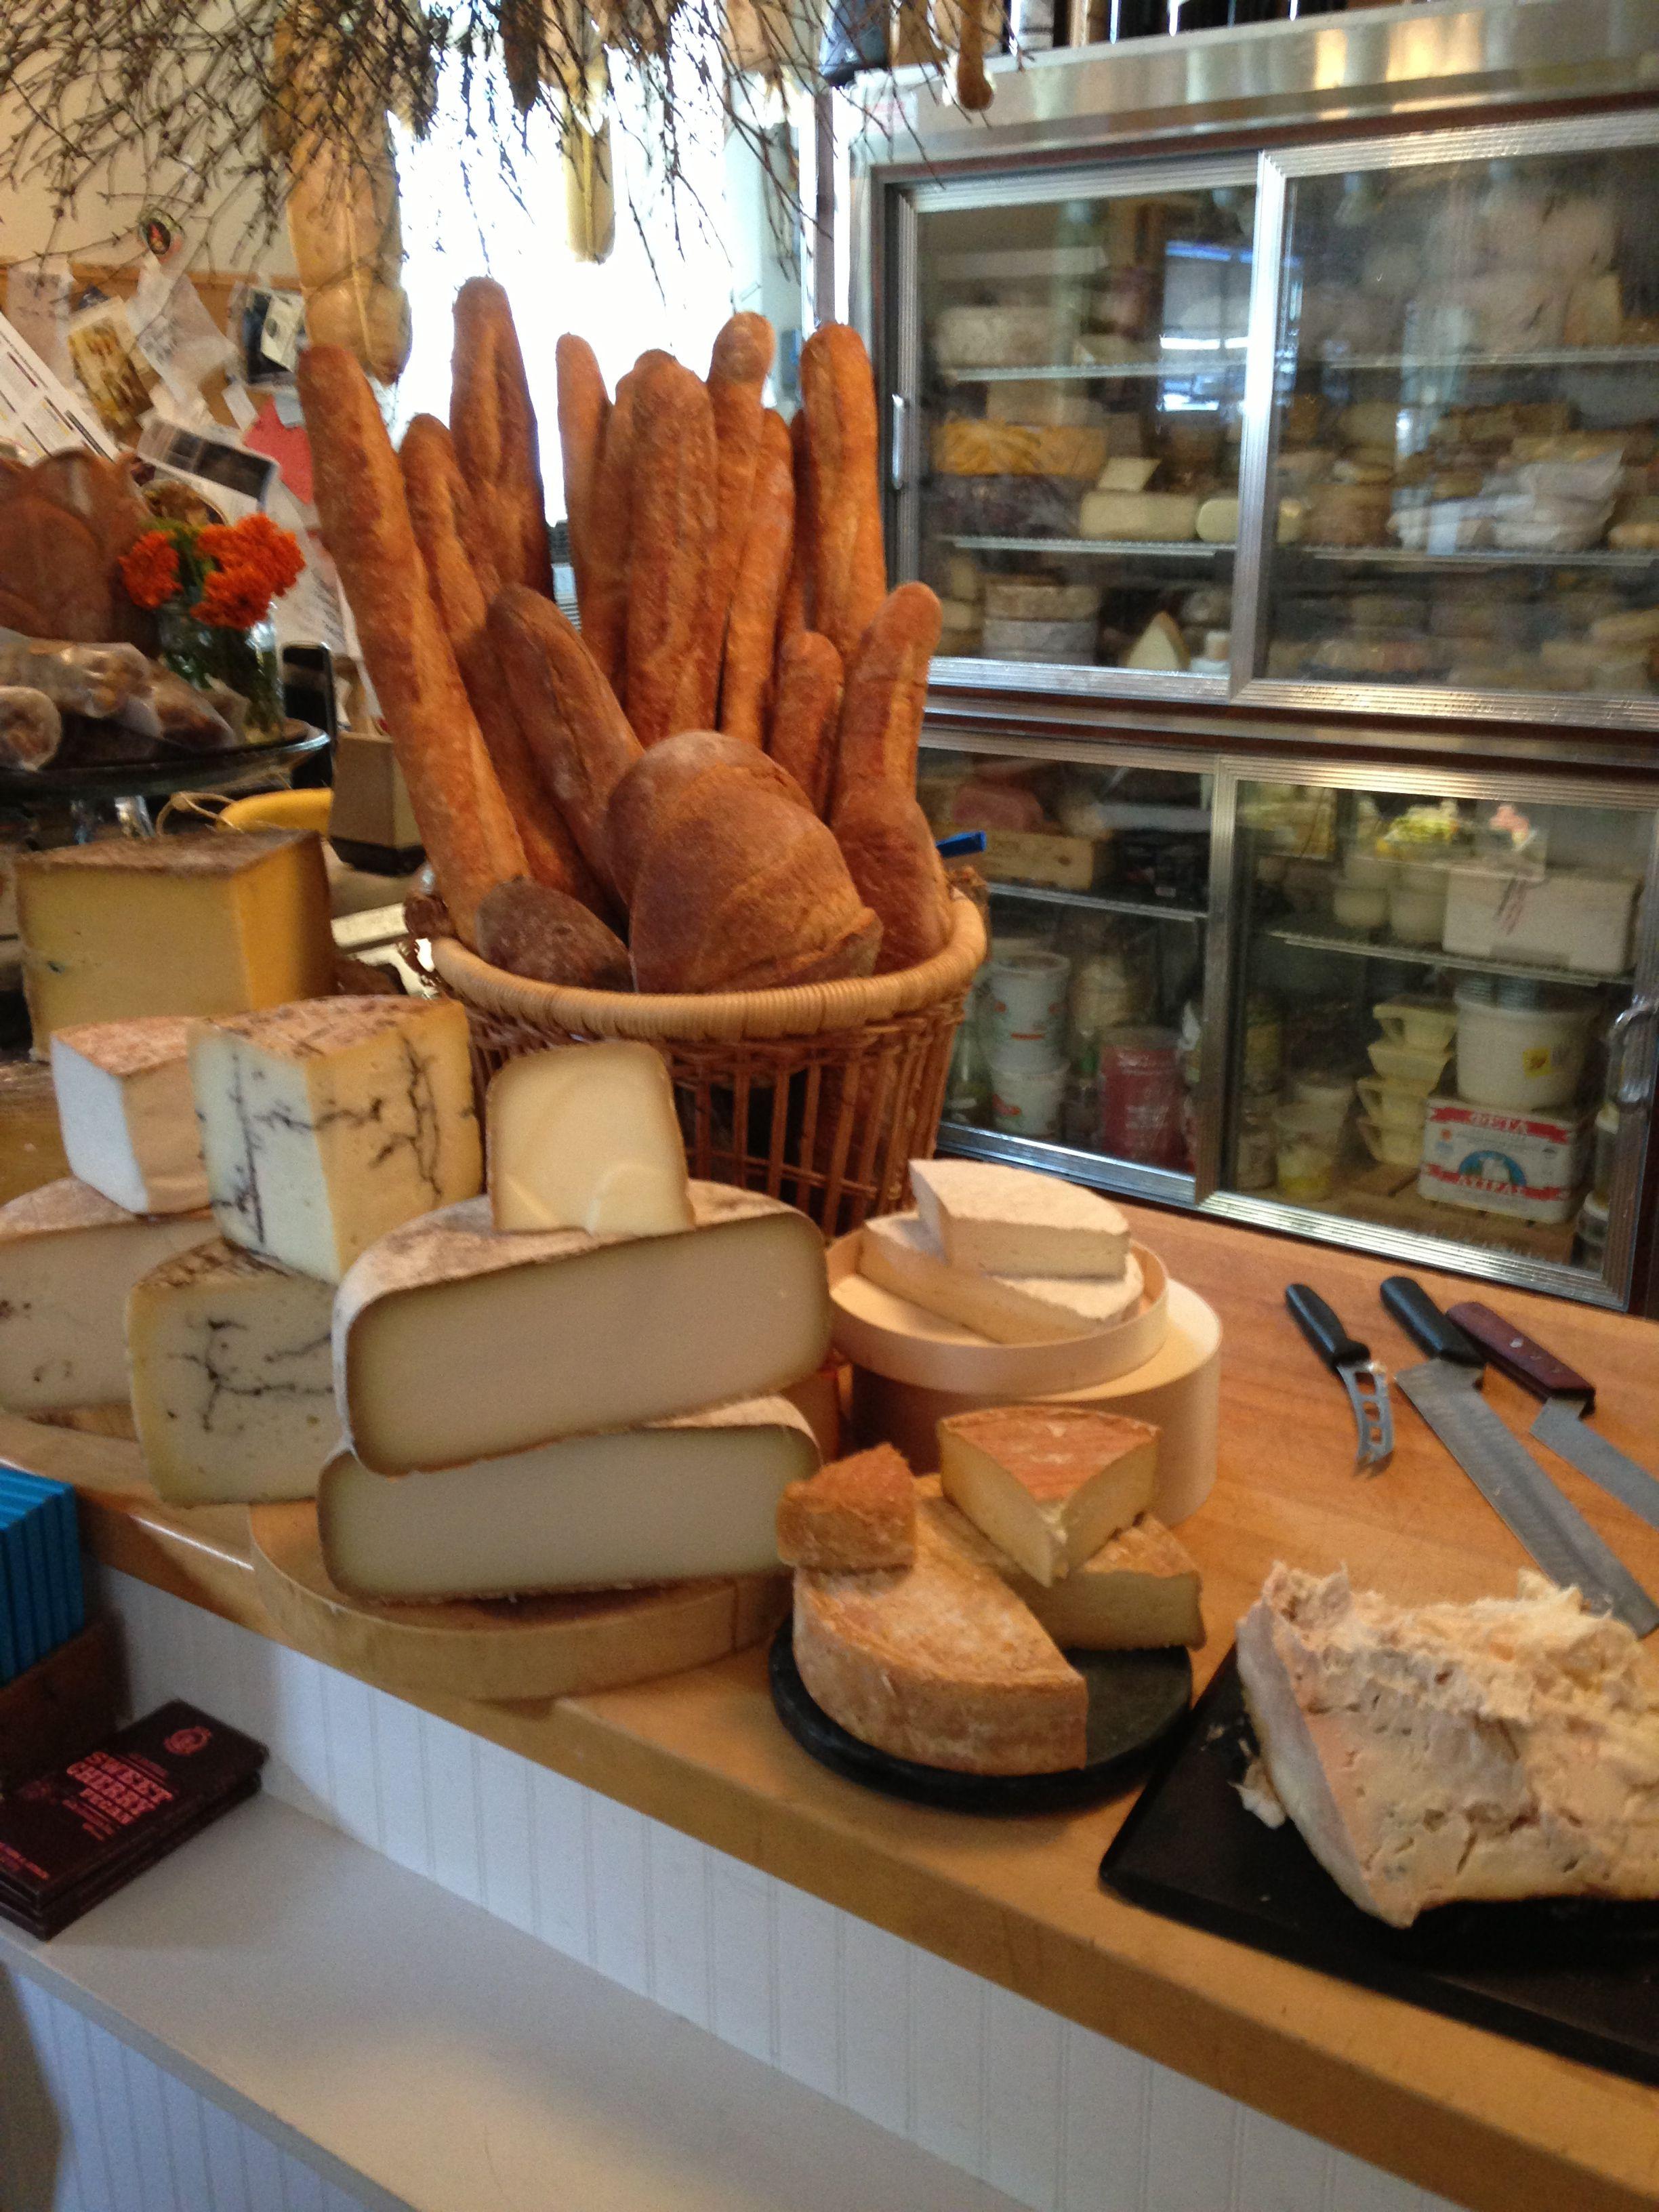 Cavaniola' Cheese 've Of